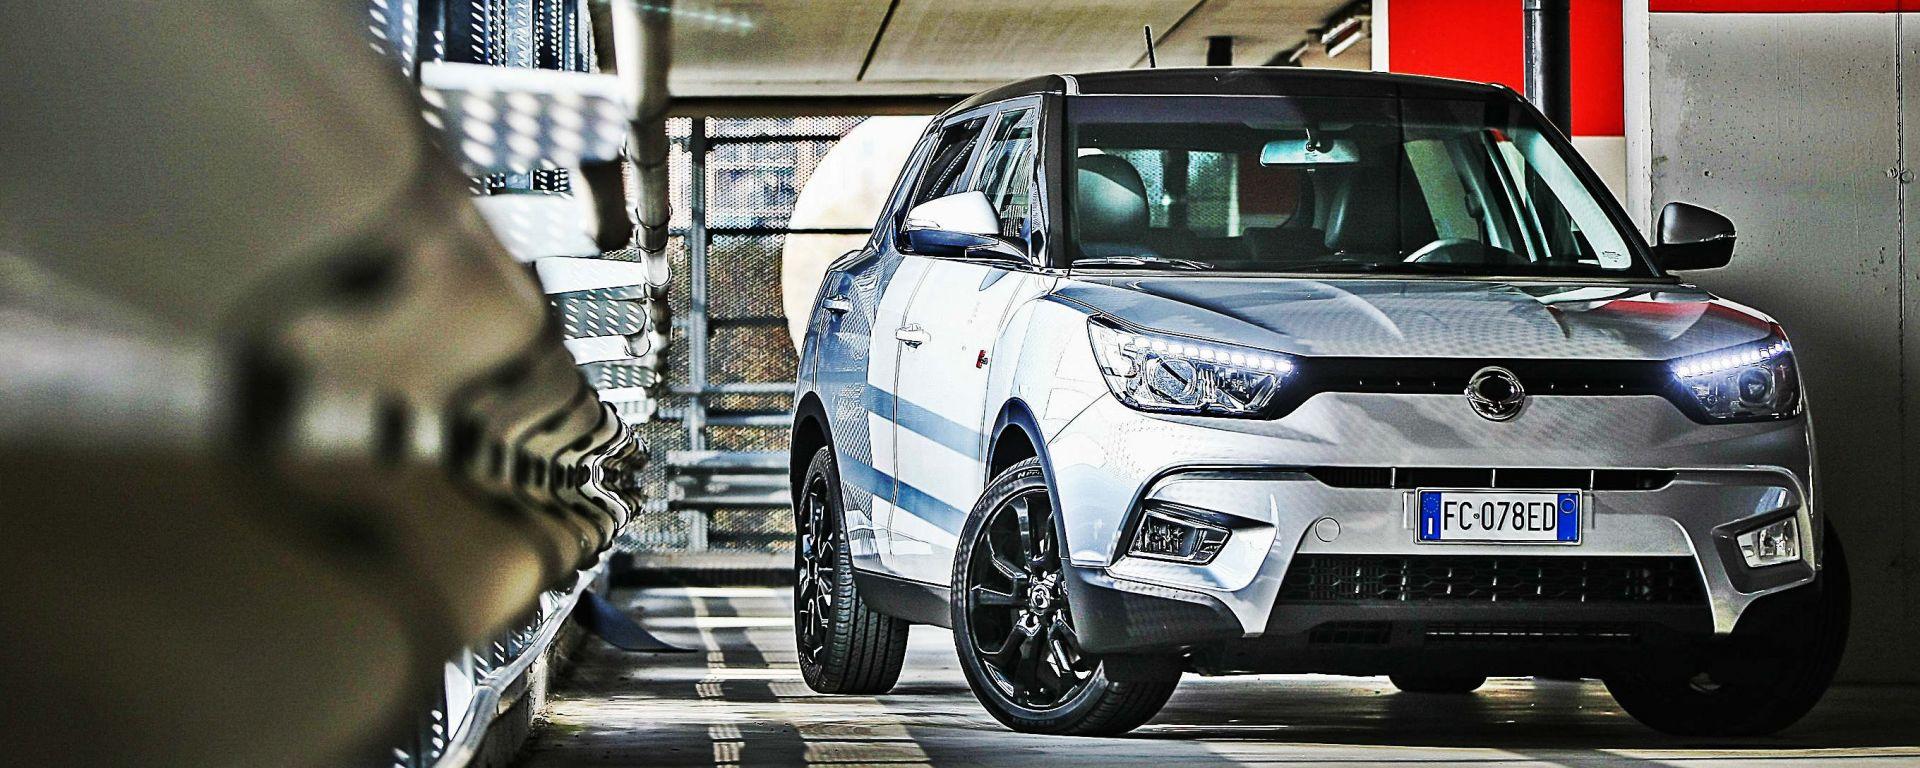 SsangYong Tivoli: ecco perché la piccola SUV ha stile | Cool Factor